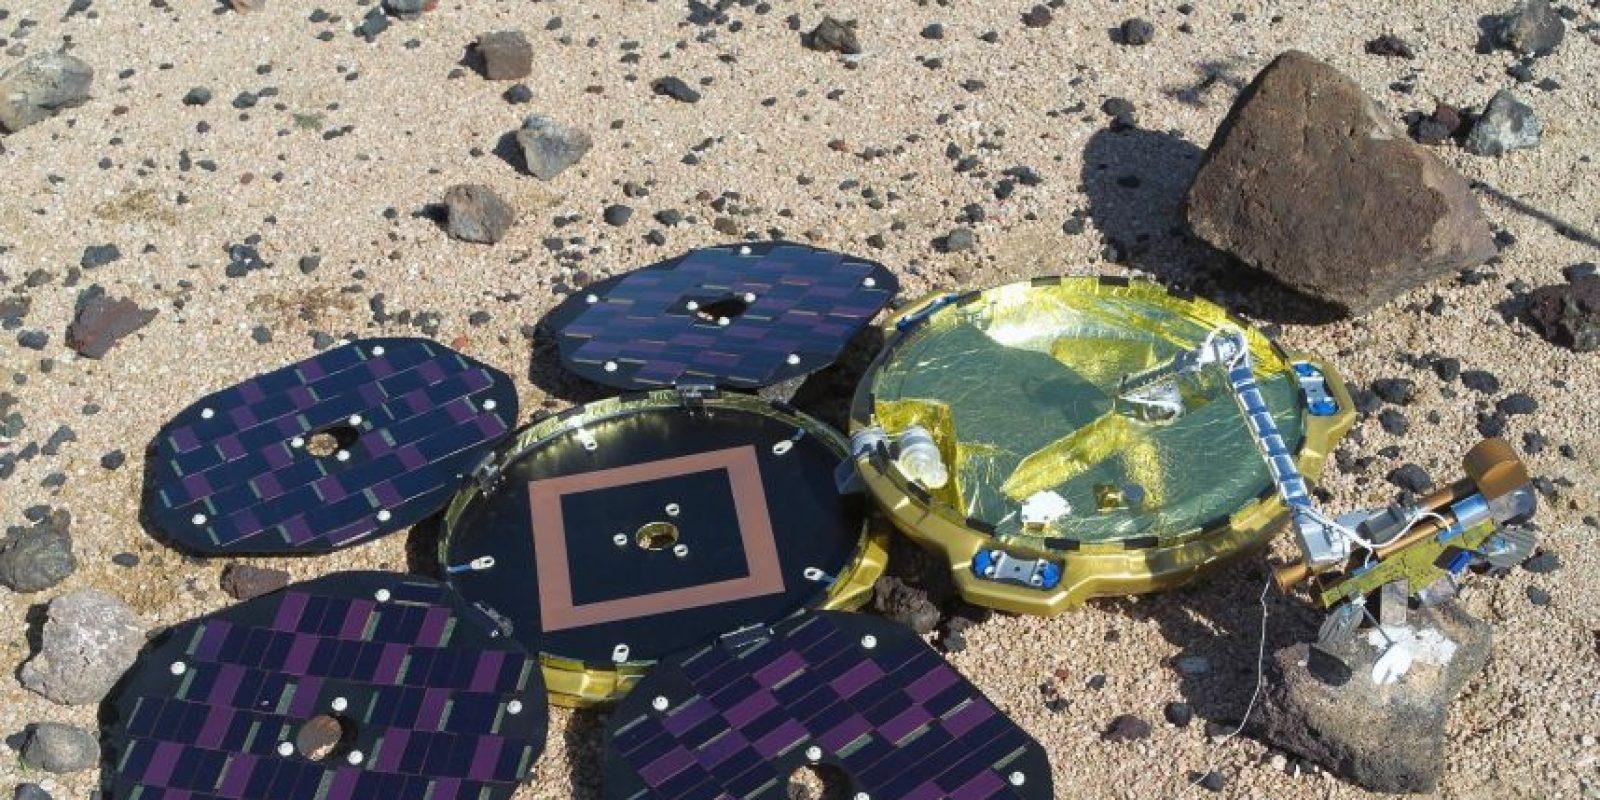 Una sonda espacial que desapareció en 2003 fue encontrada en el cuarto planeta del sistema solar mientras un satélite hacia un reconocimiento del planeta rojo Foto:Agencias